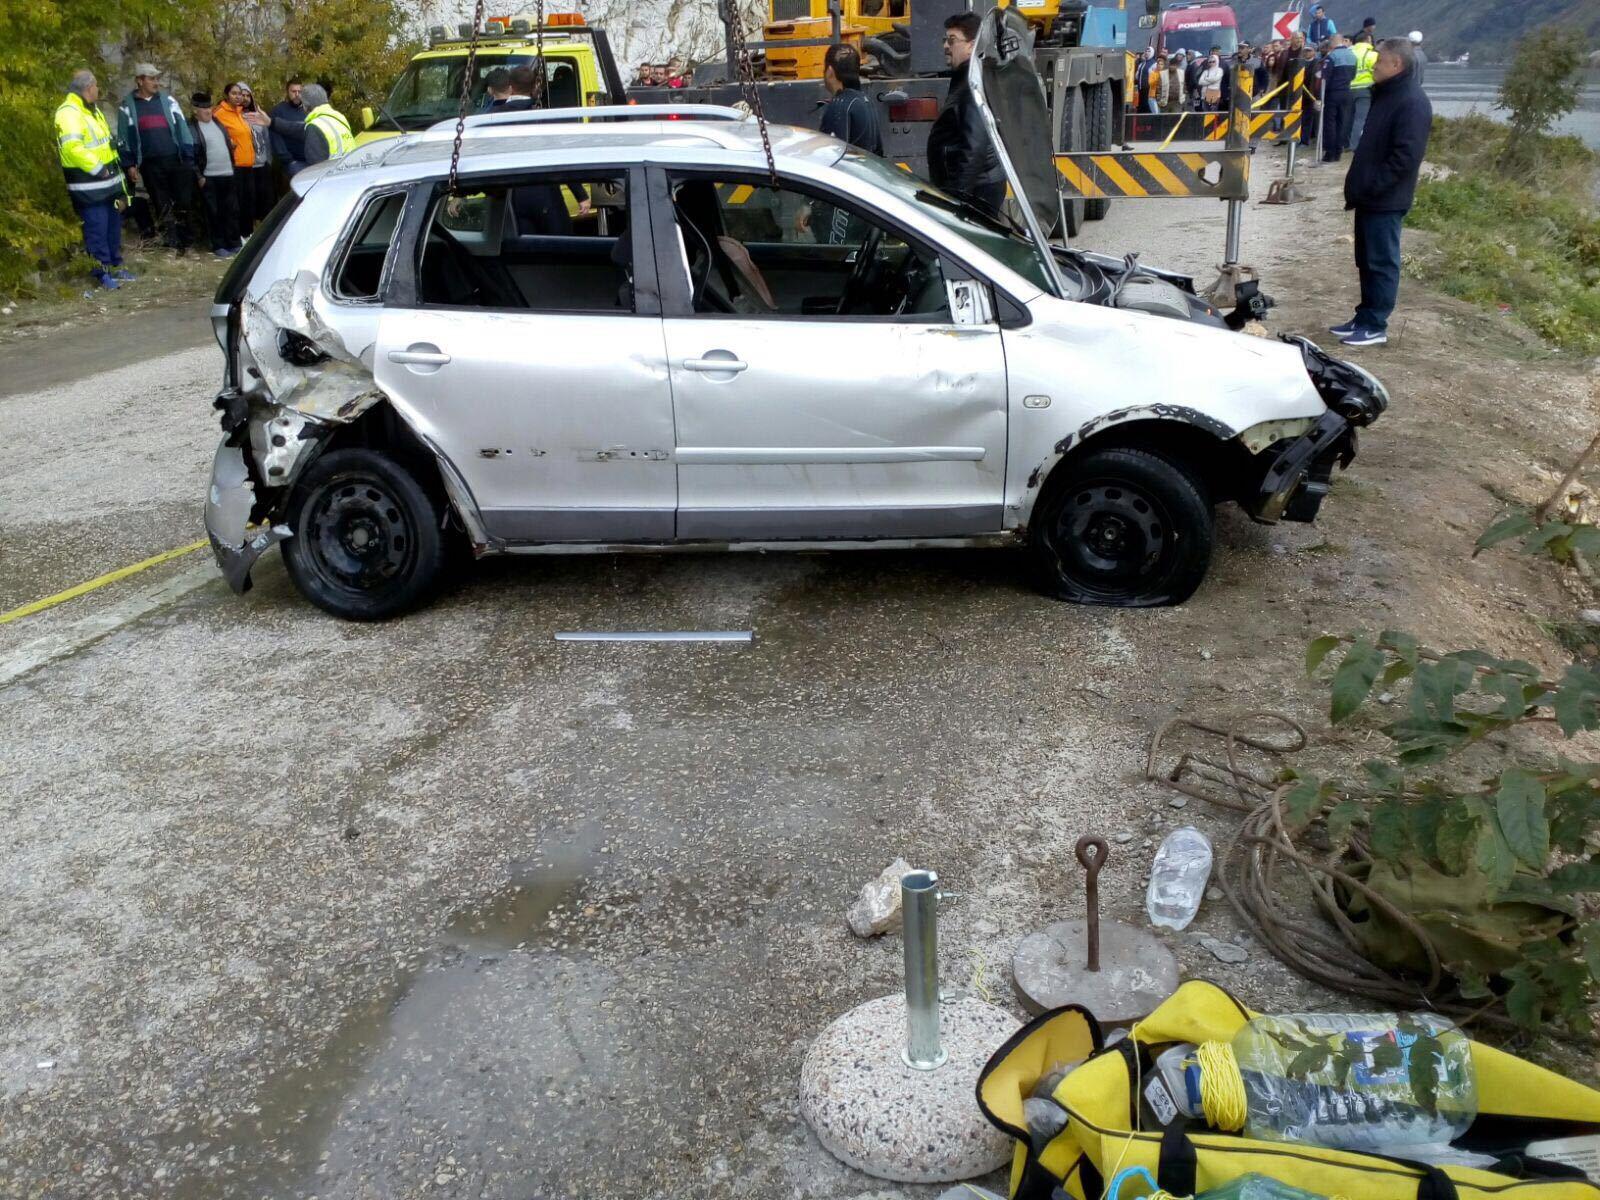 Trupul tânărului de 22 ani, care se afla alături de sora sa şi cei doi părinţi în maşina căzută în Dunăre, găsit pe malul sârbesc